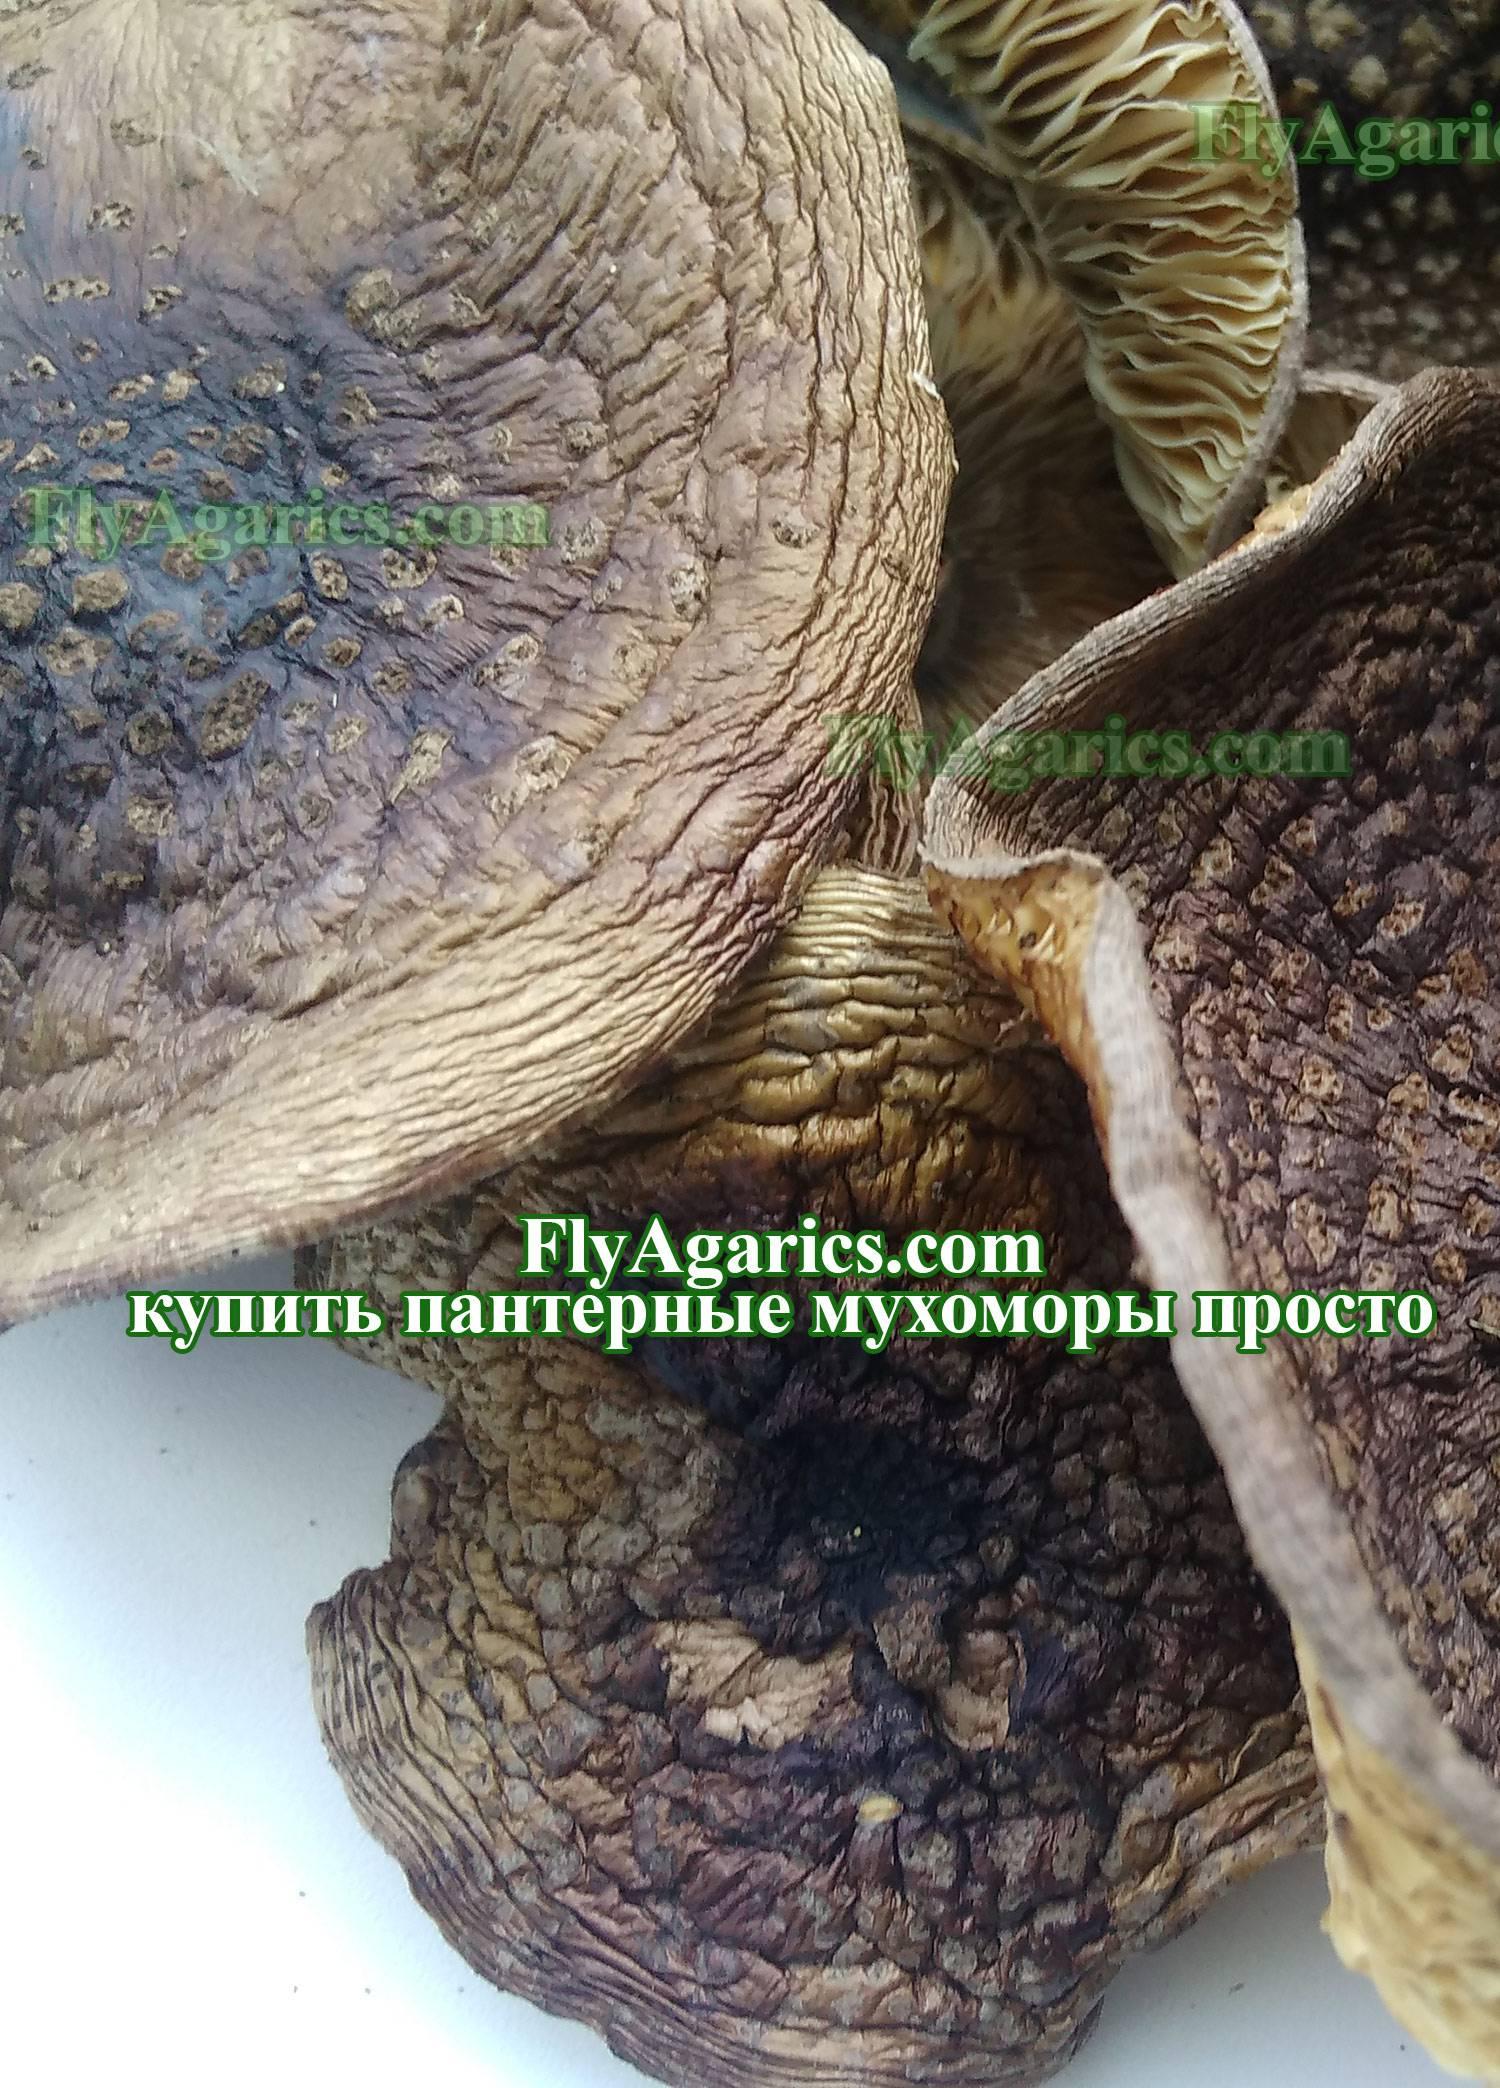 Гриб мухомор съедобный (amanita): где растет, виды, фото